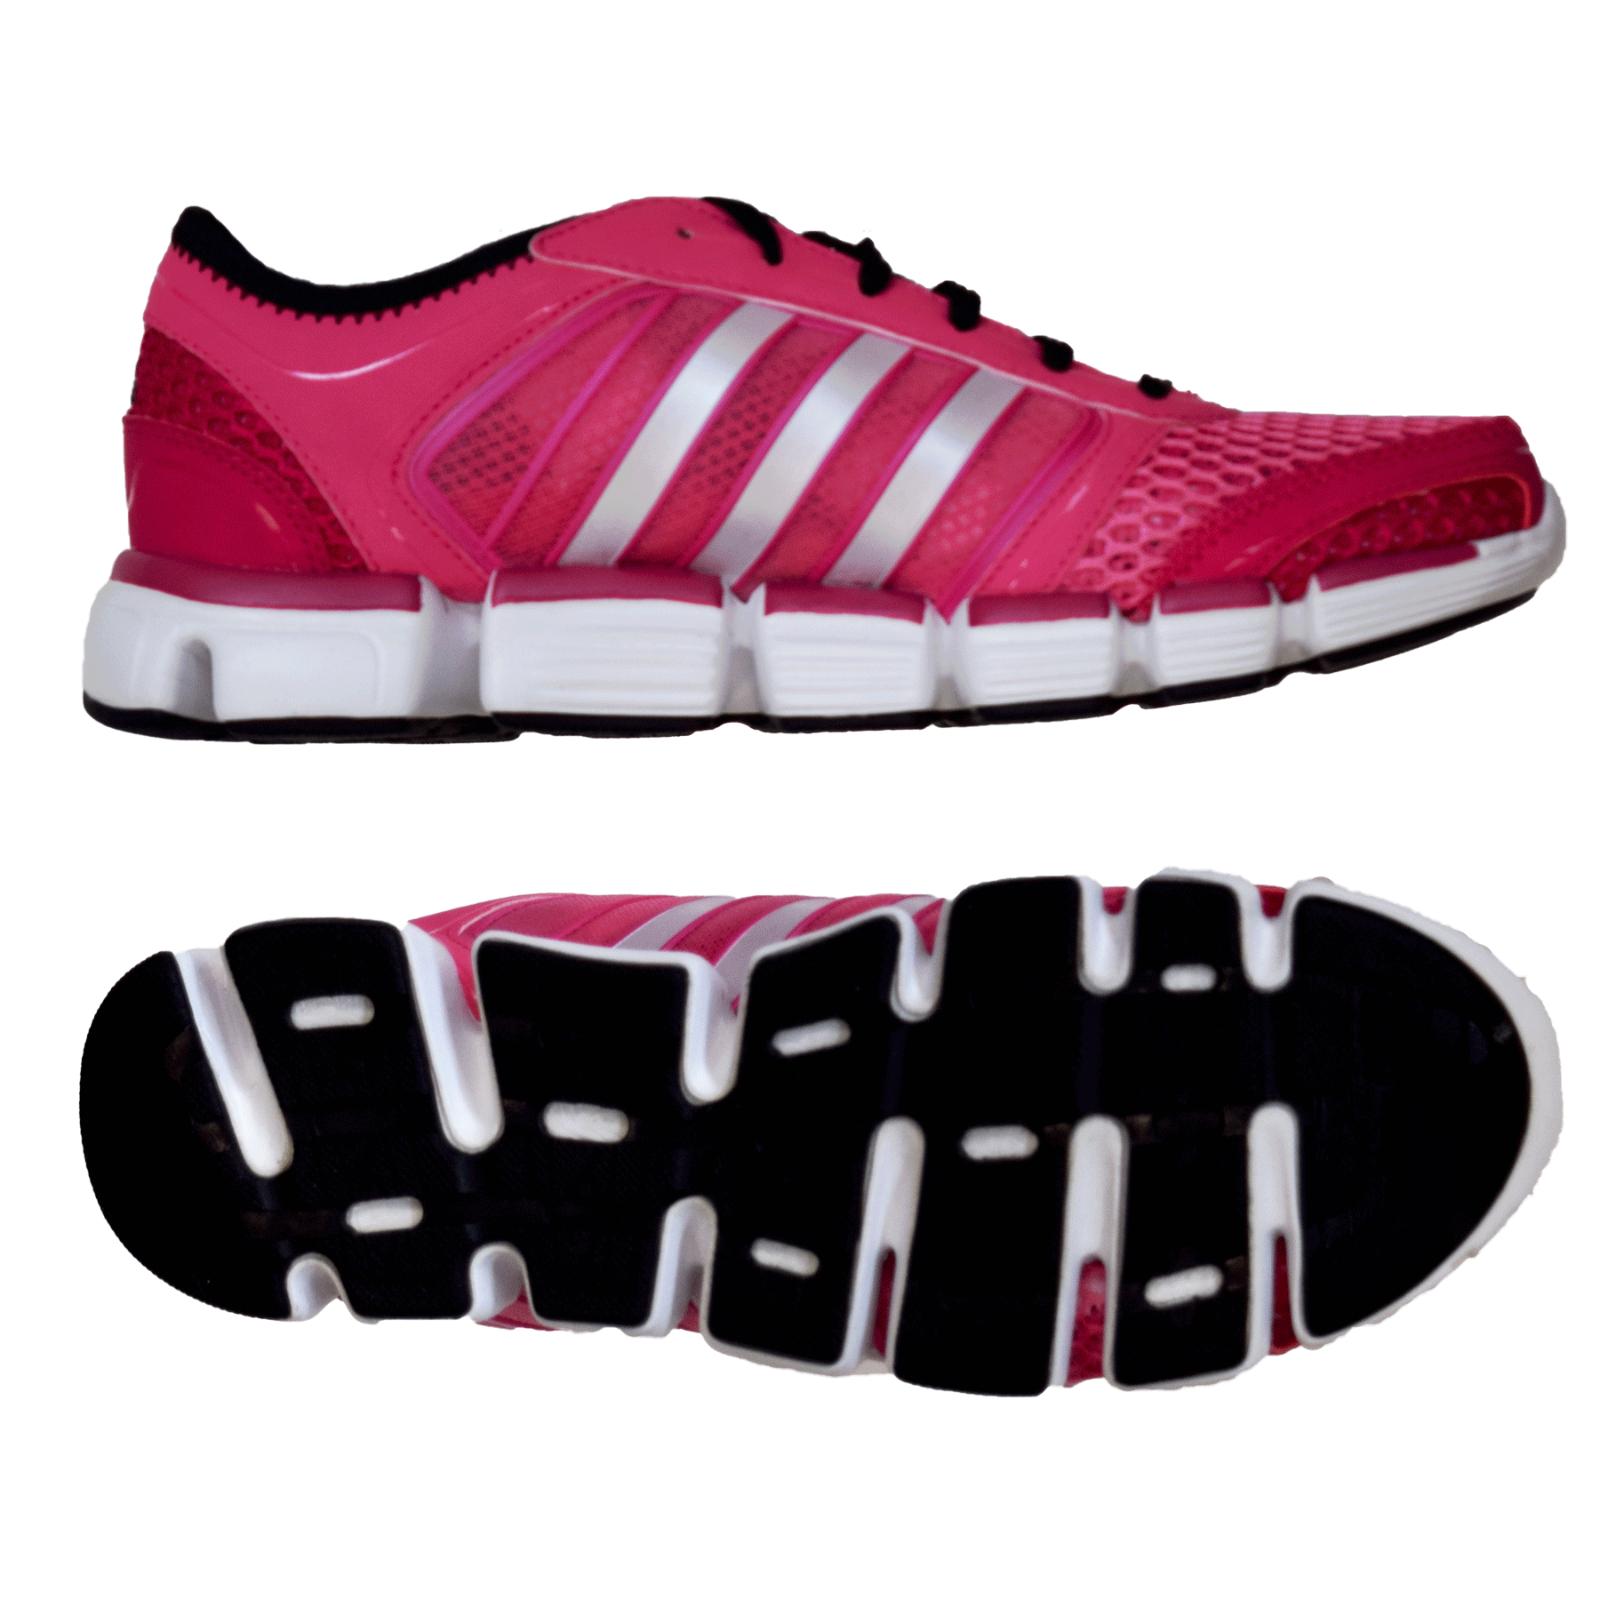 Adidas cc oscillate w Damenschuhe Trainingsschuhe Sportschuhe Fitness Neu  OVP